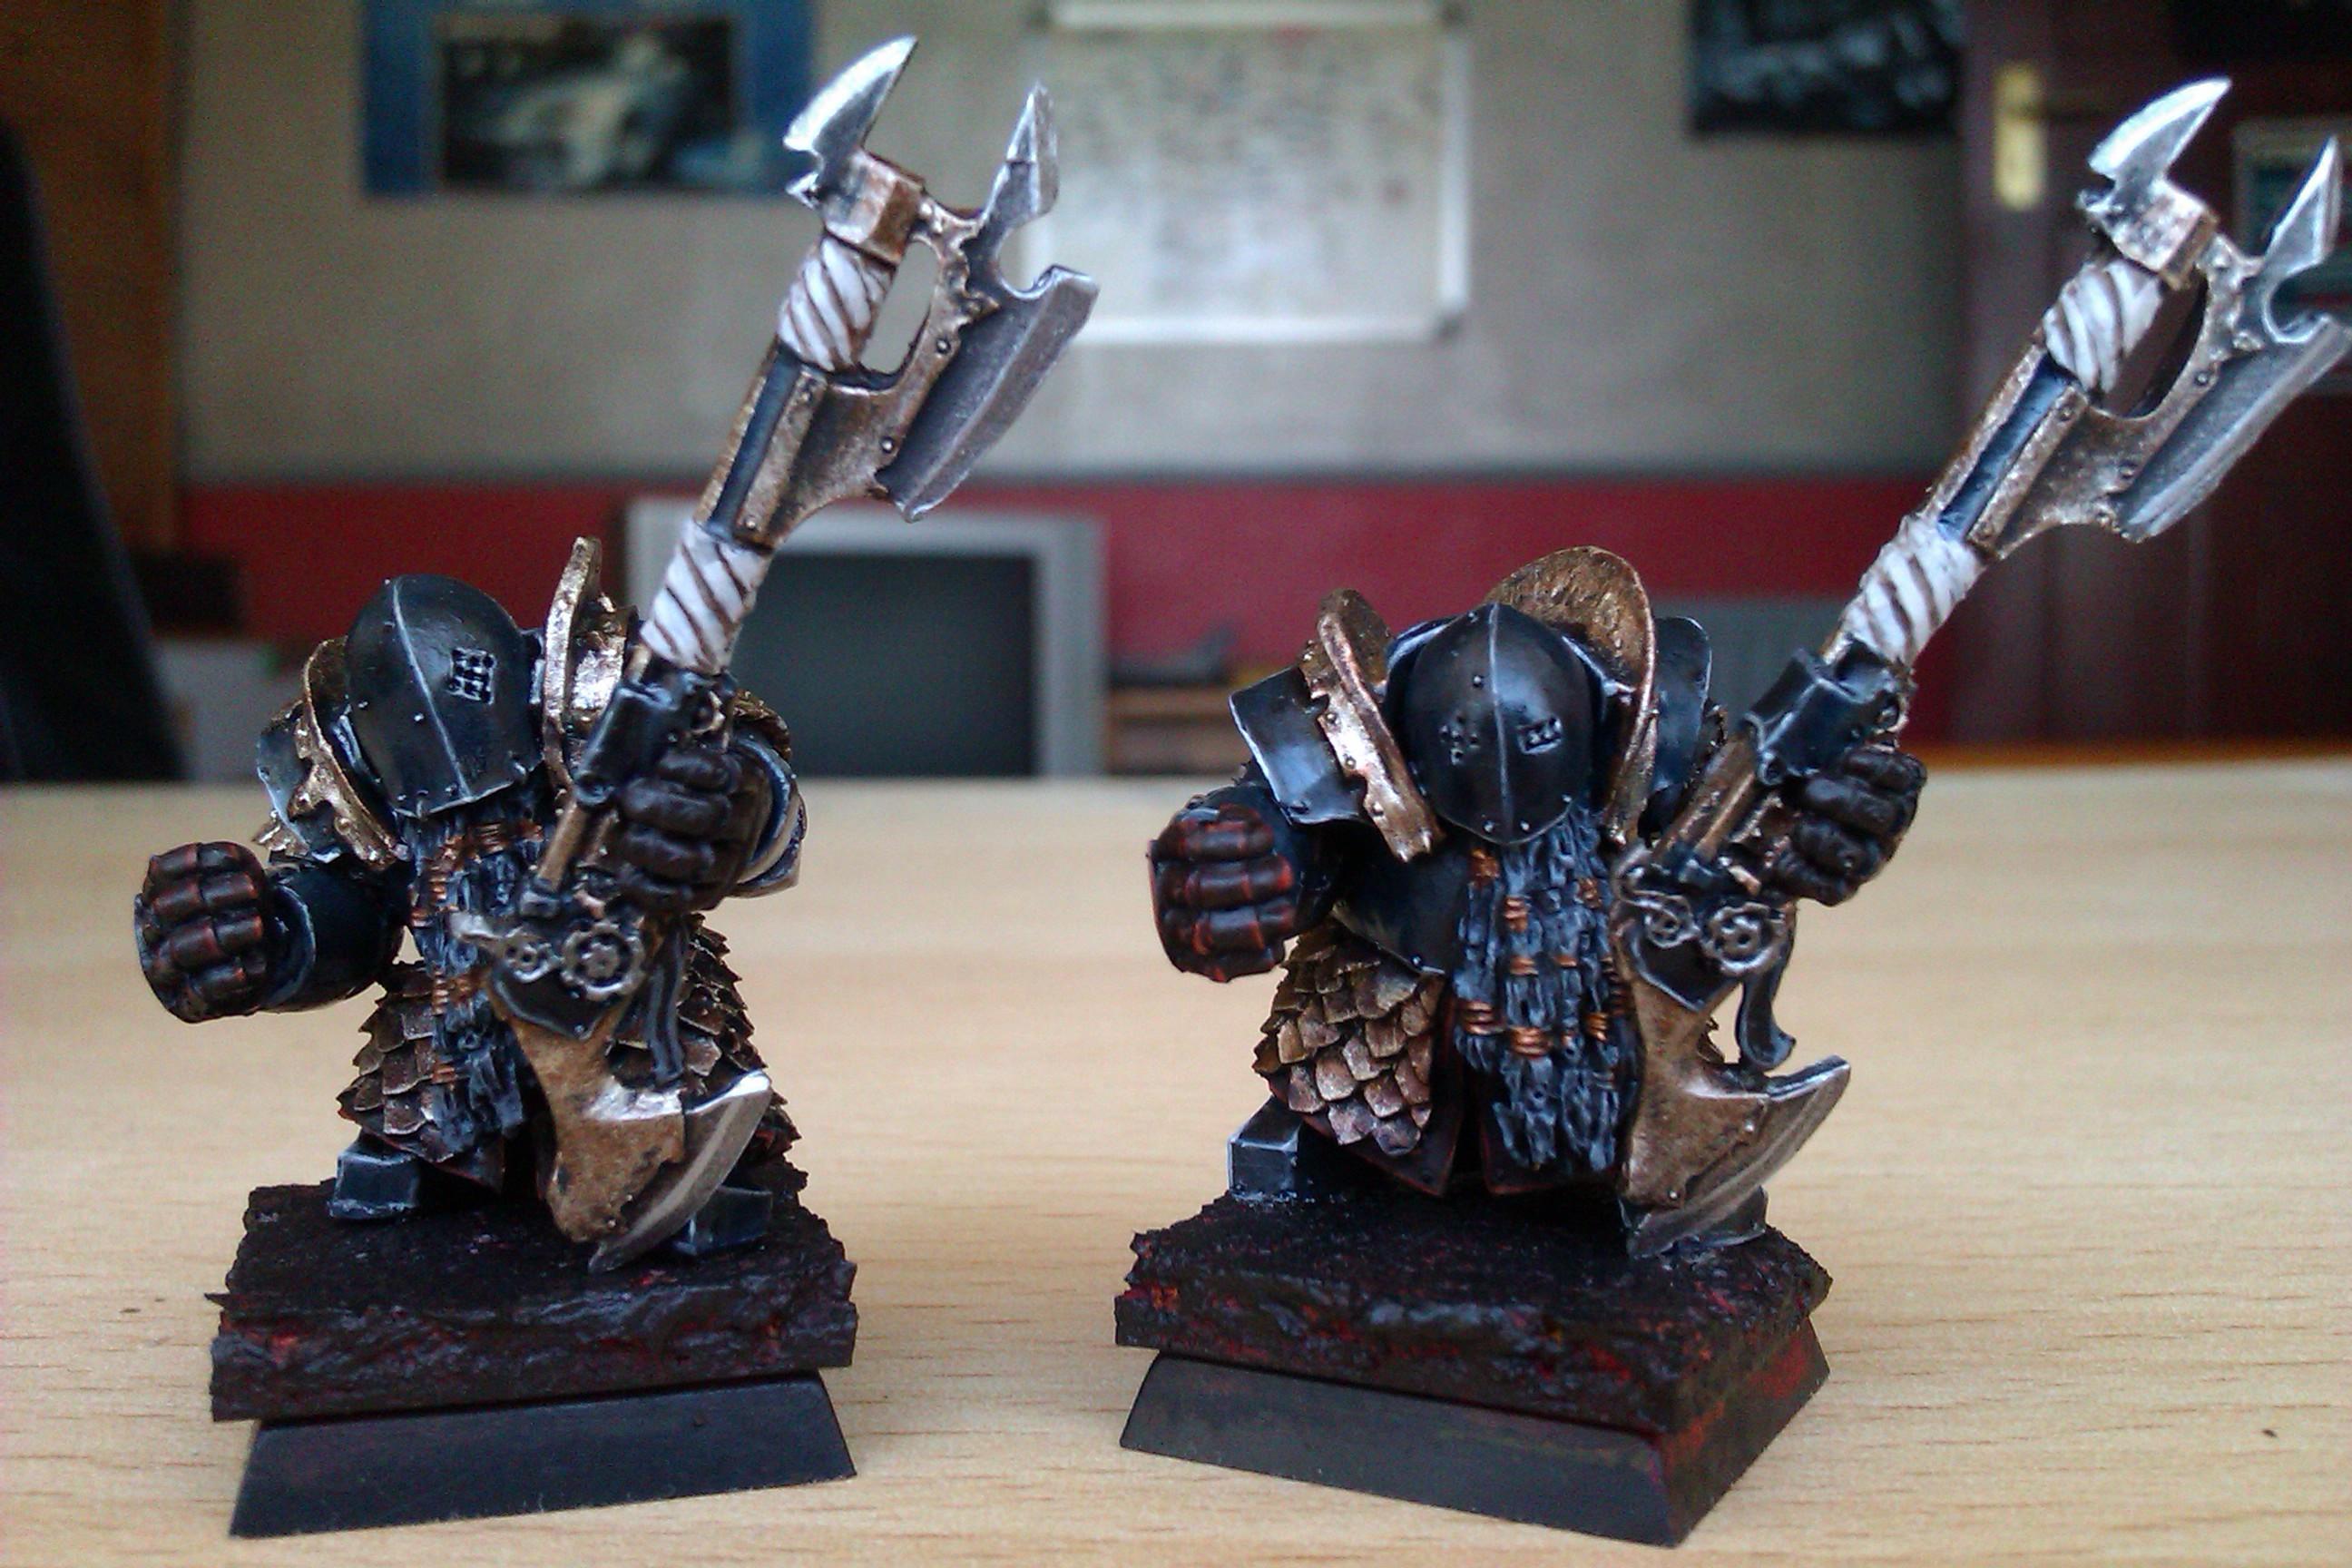 Chaos Dwarf, Forge World, Warhammer Fantasy